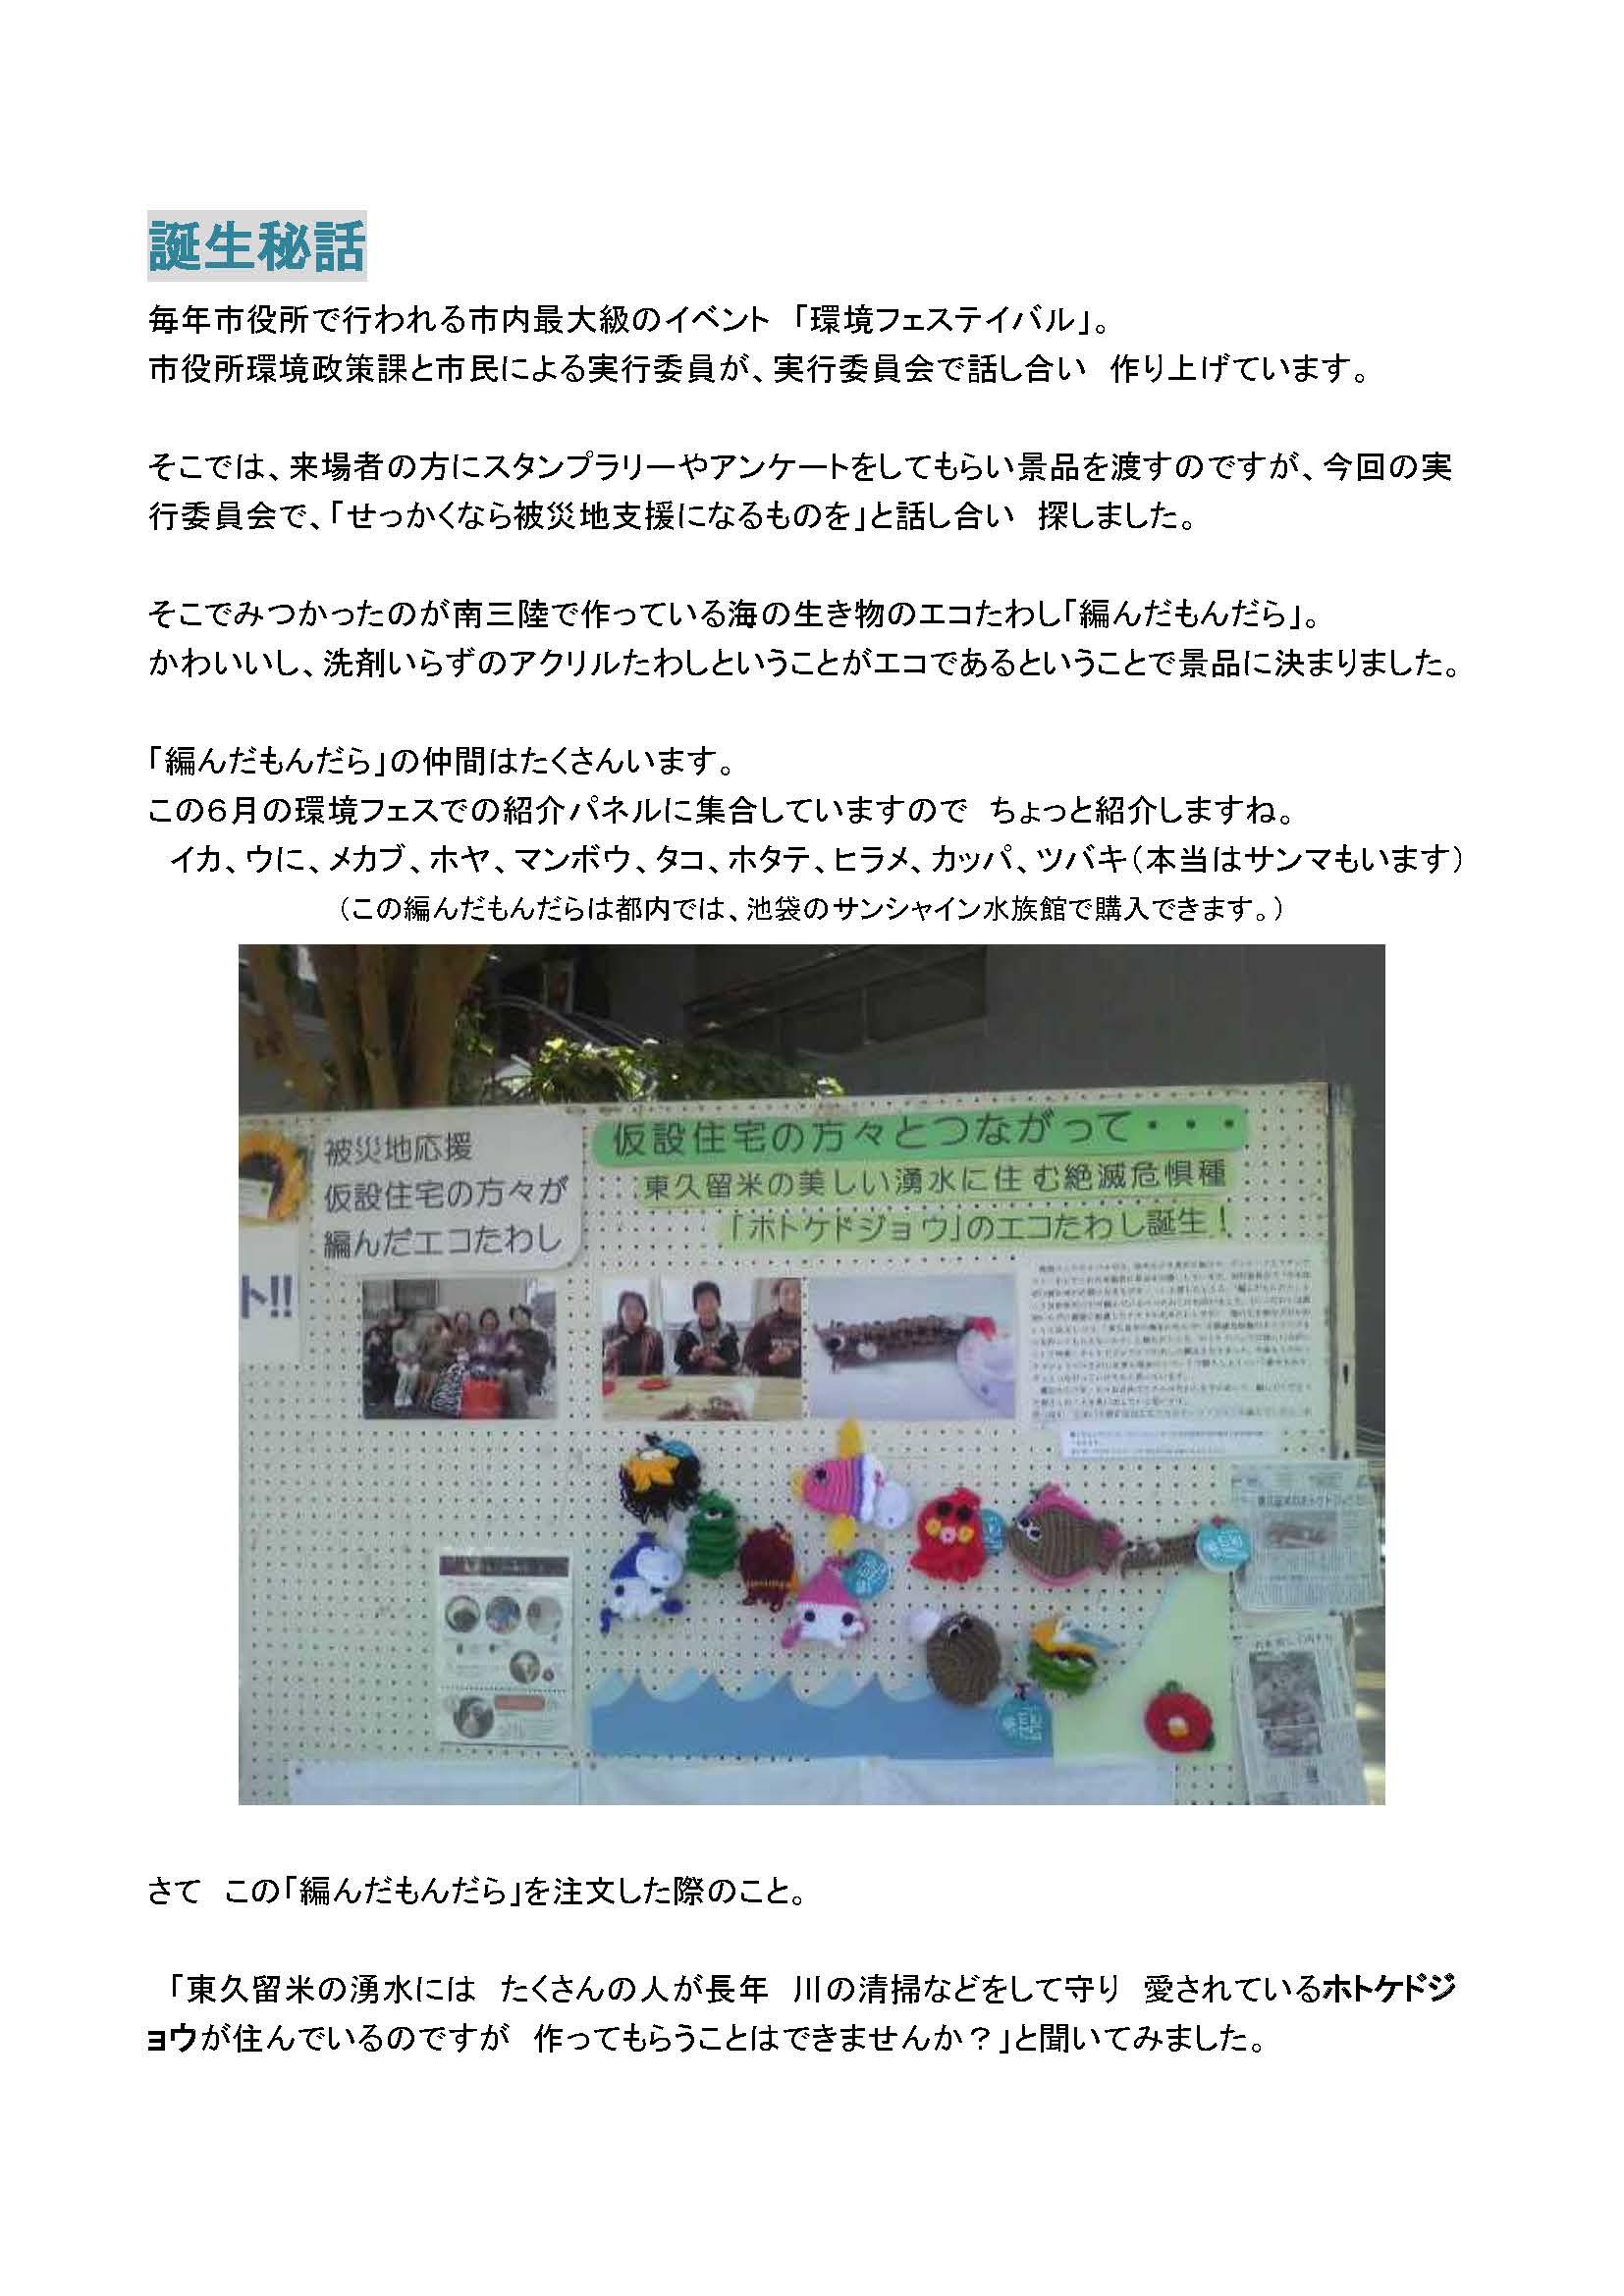 ホトケドジョウ君紹介5枚_ページ_4